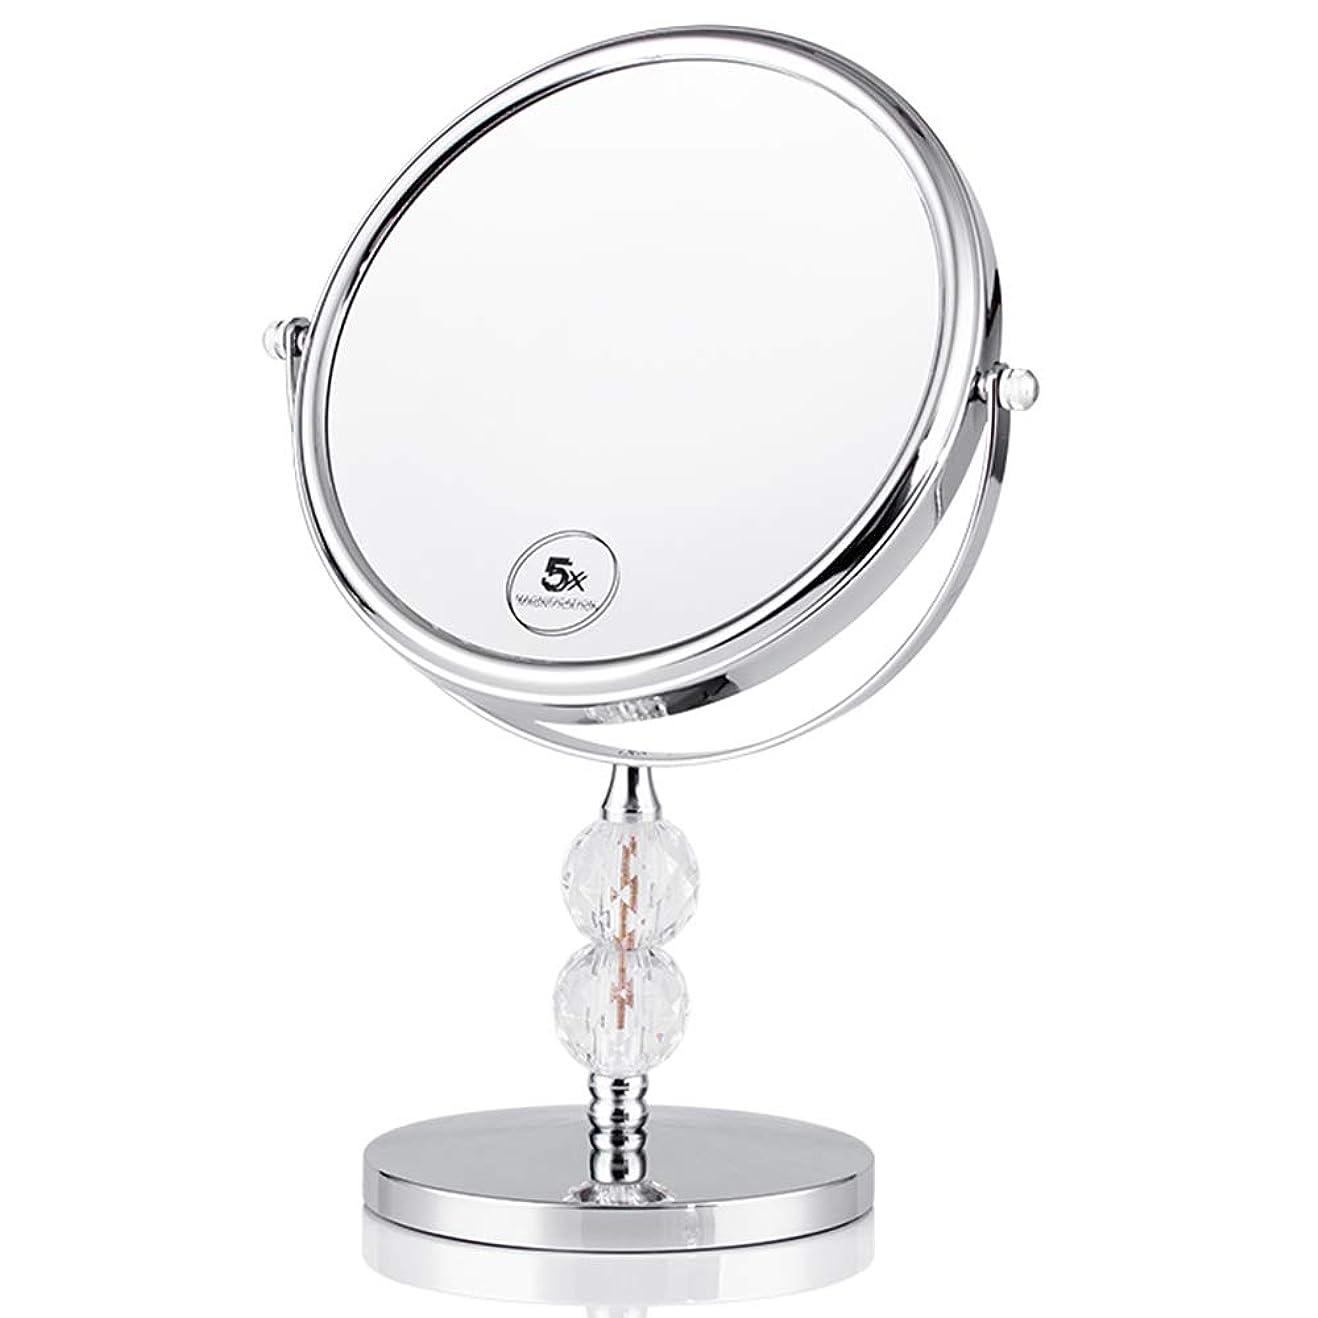 秘書ふざけた赤面両面化粧鏡ポータブルビューティー5X虫眼鏡折りたたみ化粧鏡高精細クラリティバニティミラー